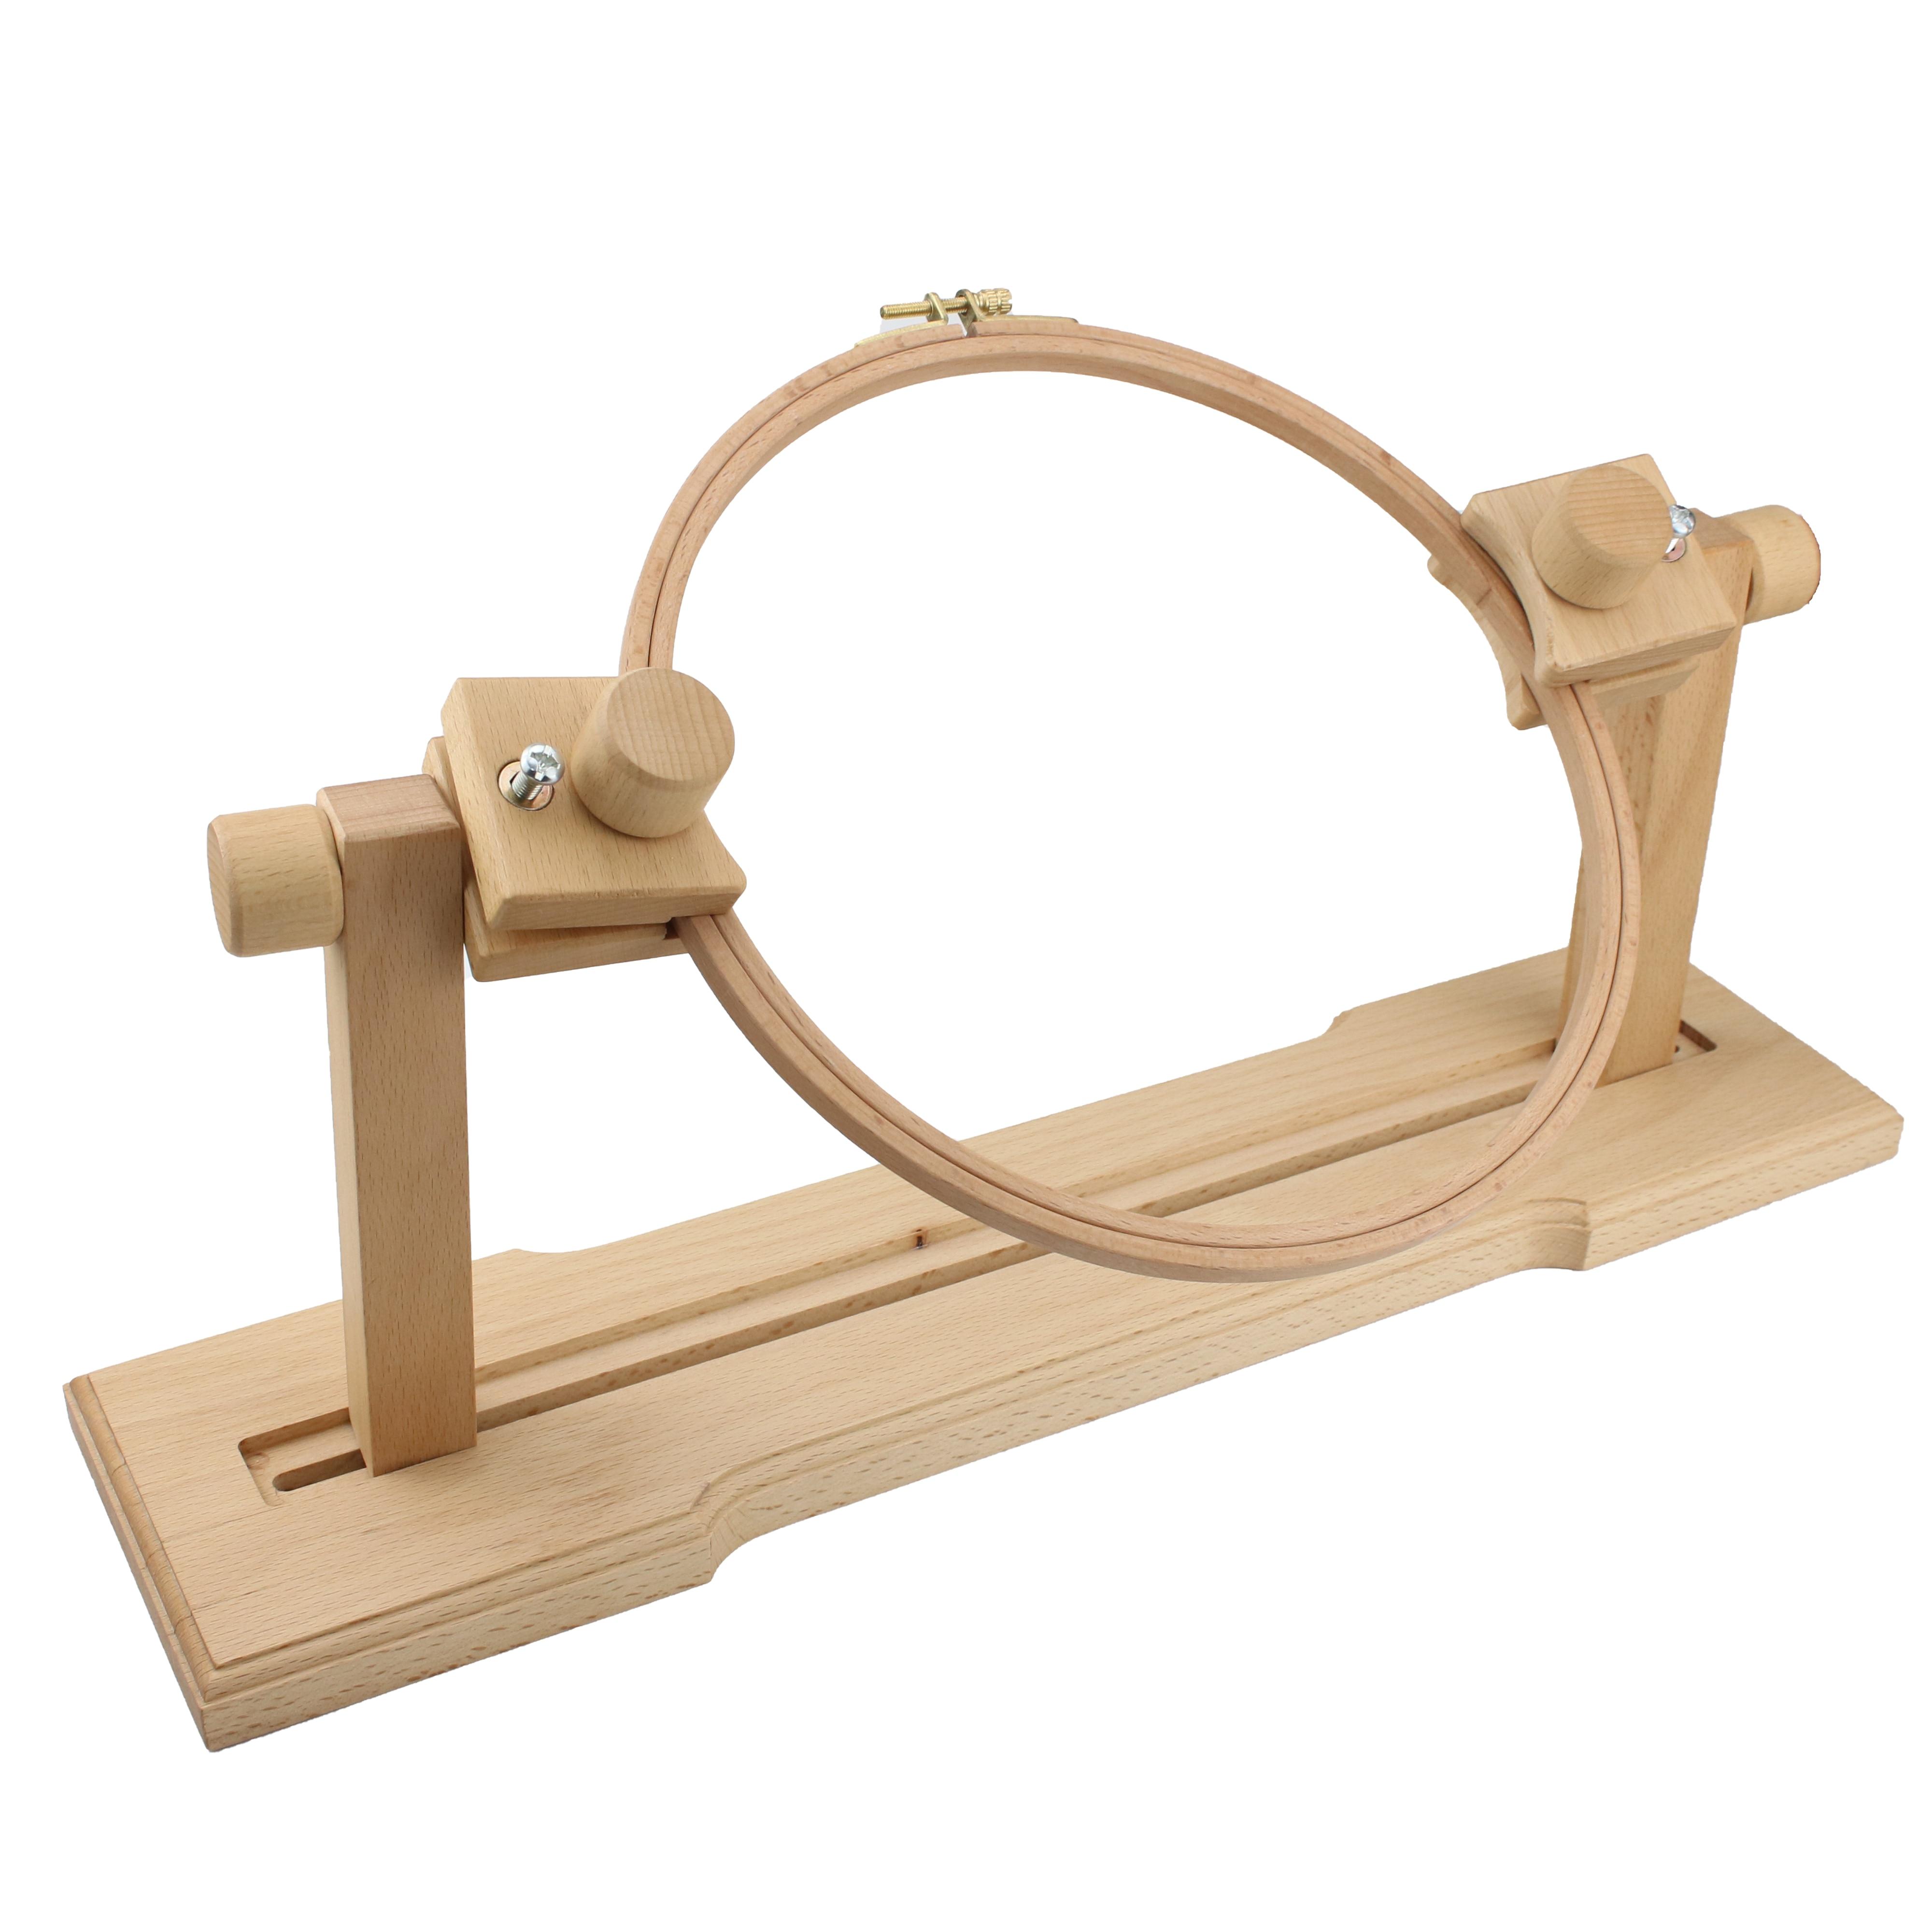 Подставка для вышивания обруча деревянная вышивка крестиком набор обручей для вышивки кольцо рамка регулируемые швейные инструменты стежки обручи|Швейные инструменты и аксессуары|   | АлиЭкспресс